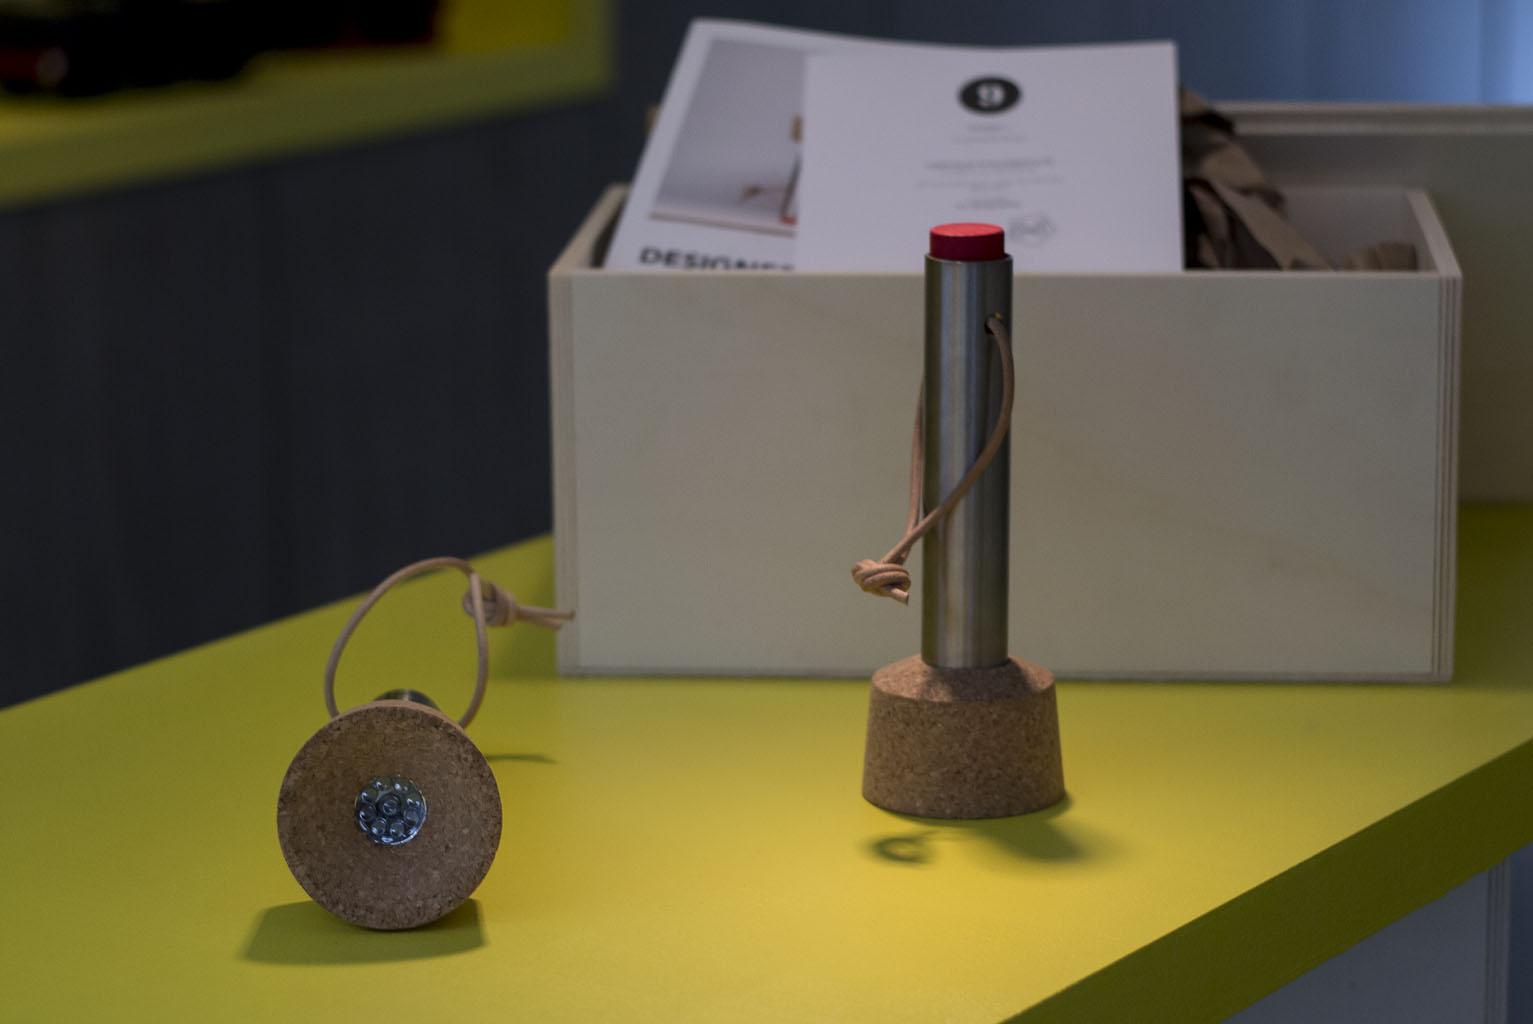 Lampe de poche Black Out Light pour Designer Box par 5.5 DesignStudio